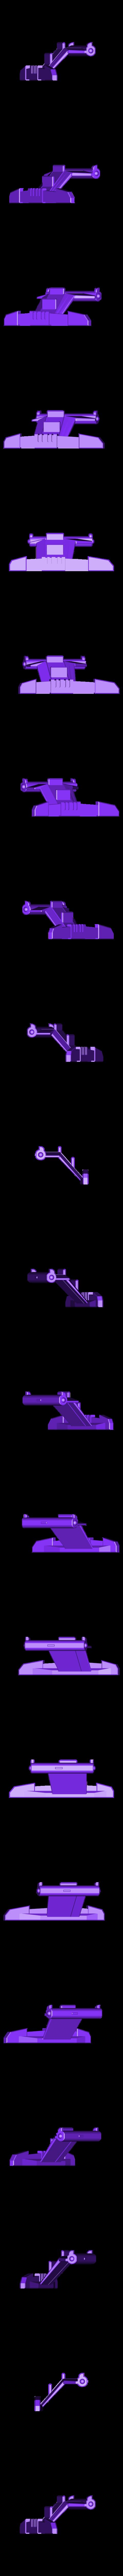 wing_R_v1.stl Download free STL file TRANSFORMERS G1 ROTORSTORM ARTICULATION UPGRADE KIT • 3D printable design, sickofyou